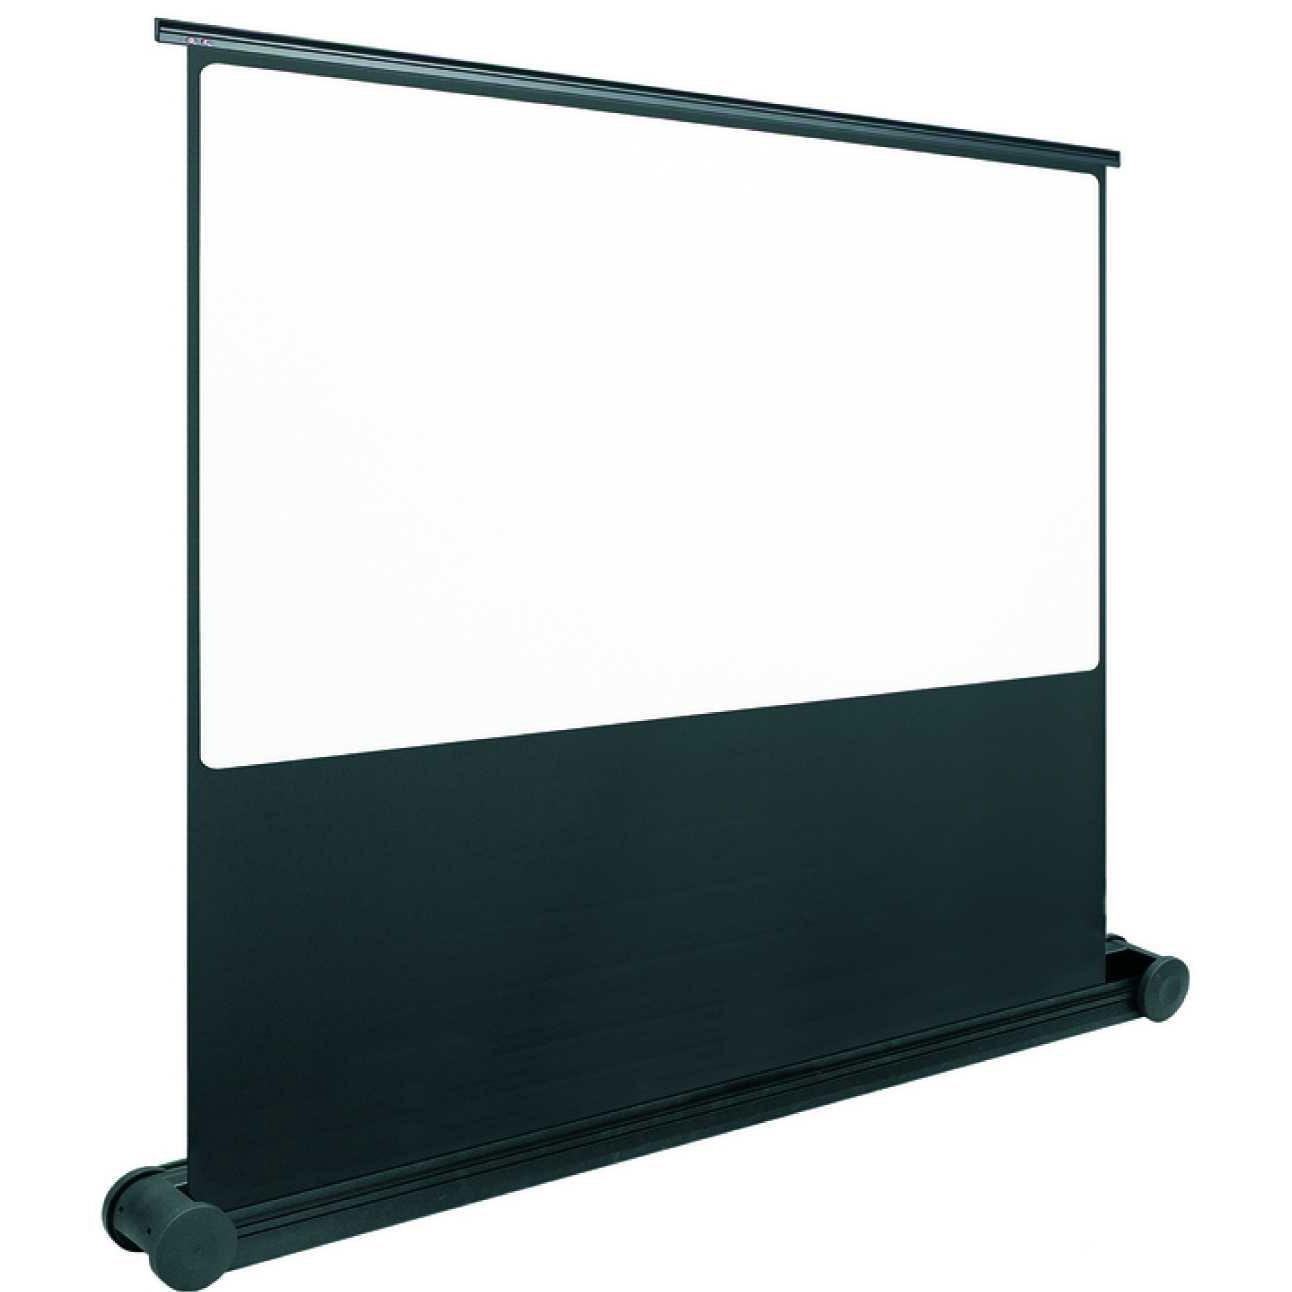 oray but02b1135180 ecran de projection oray sur. Black Bedroom Furniture Sets. Home Design Ideas